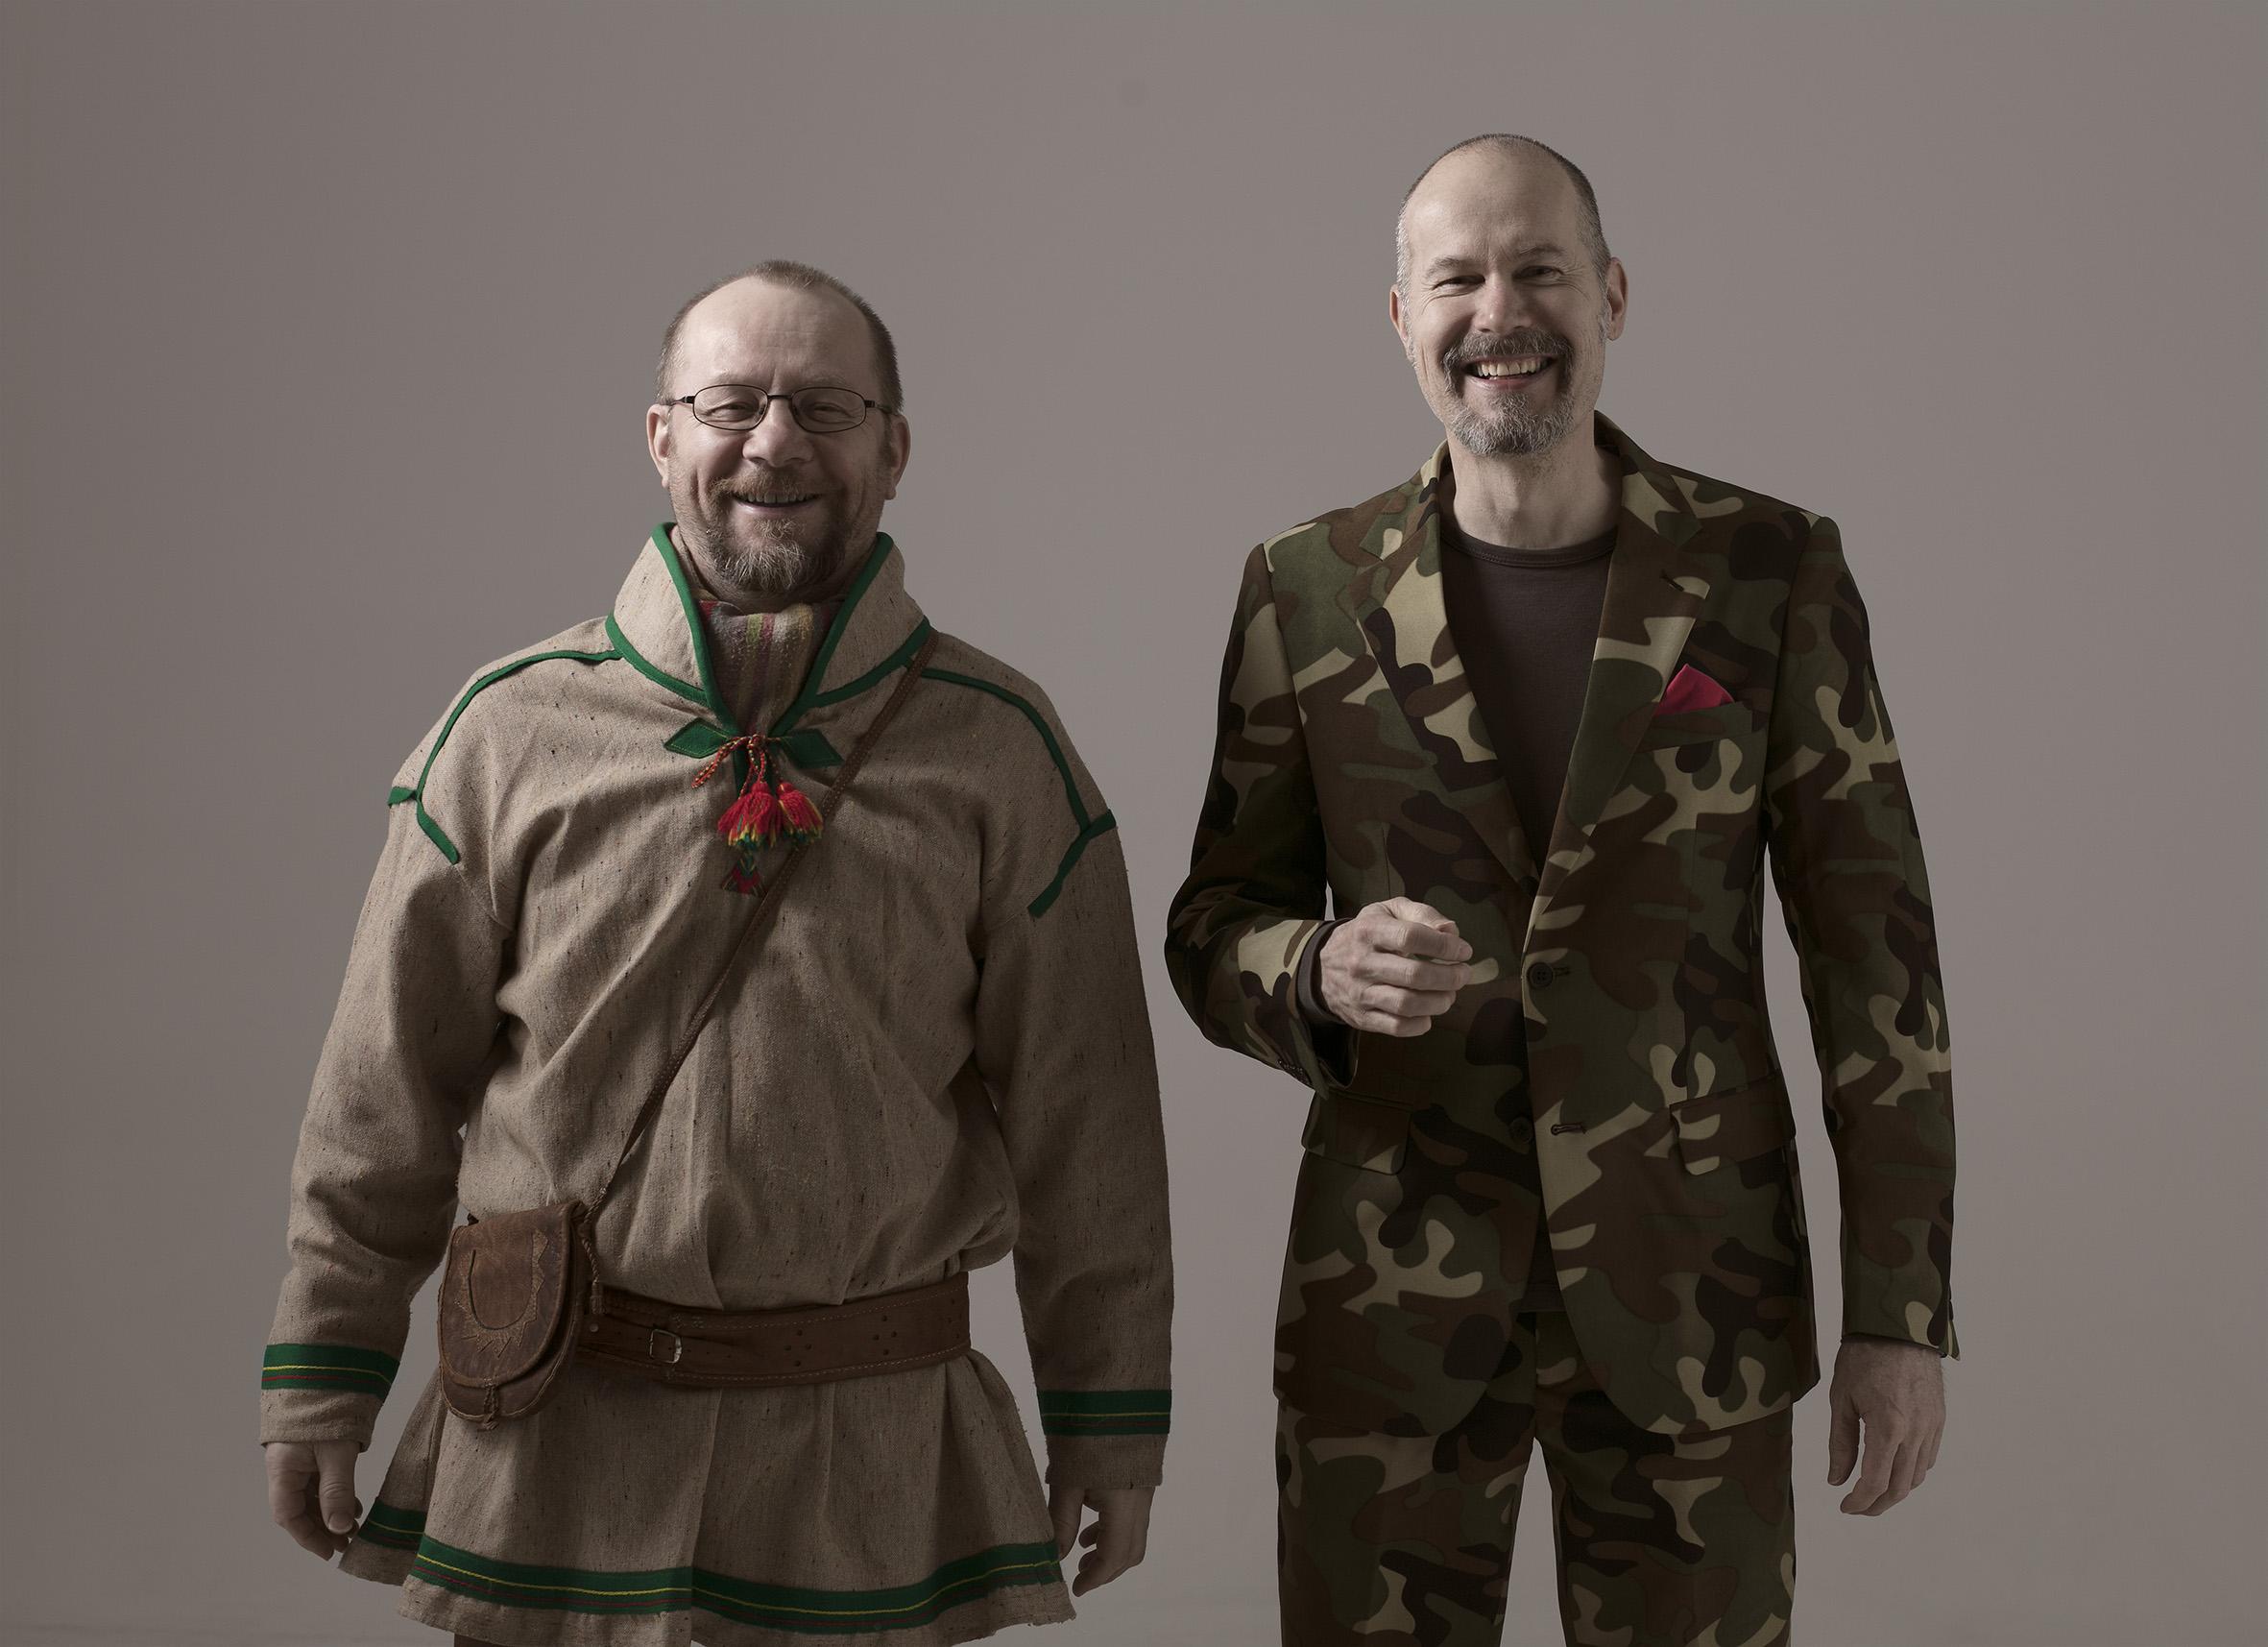 Wimme Saari ja Tapani Rinne seisovat vierekkäin hymyillen kameralle. Wimmellä saamelaisten kansallisasu.